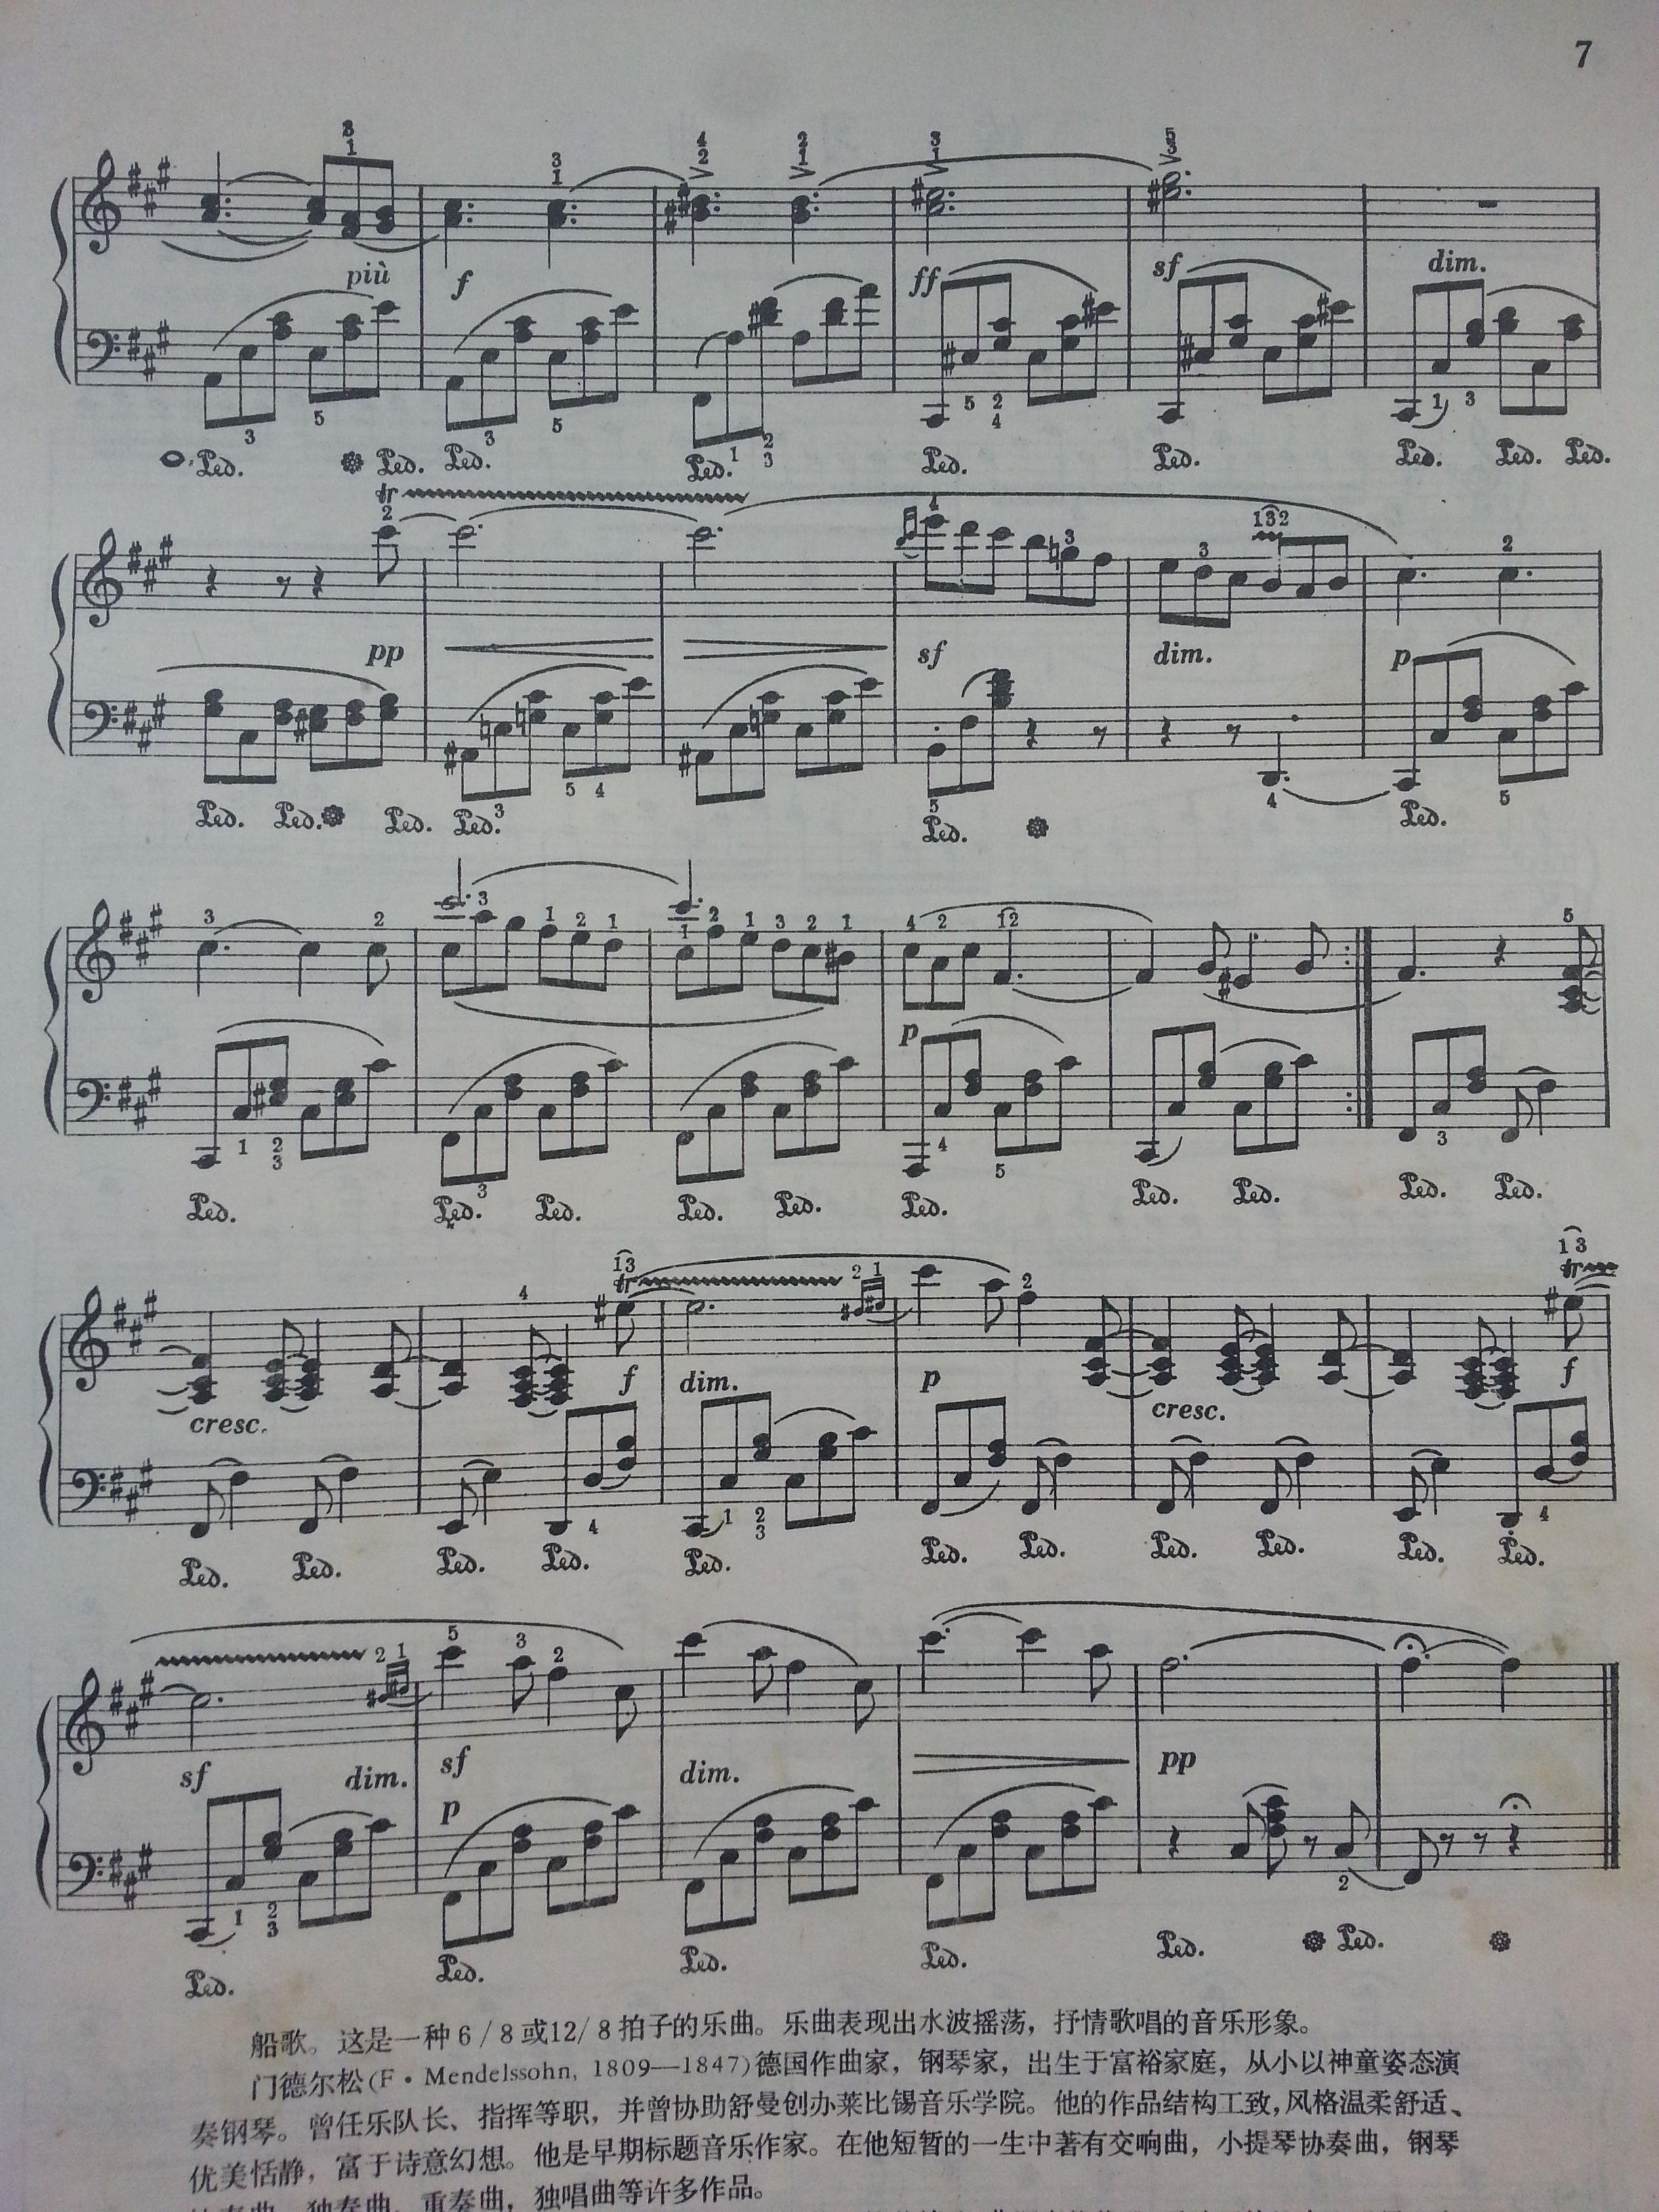 钢琴基础教程三威尼斯船歌歌谱图片